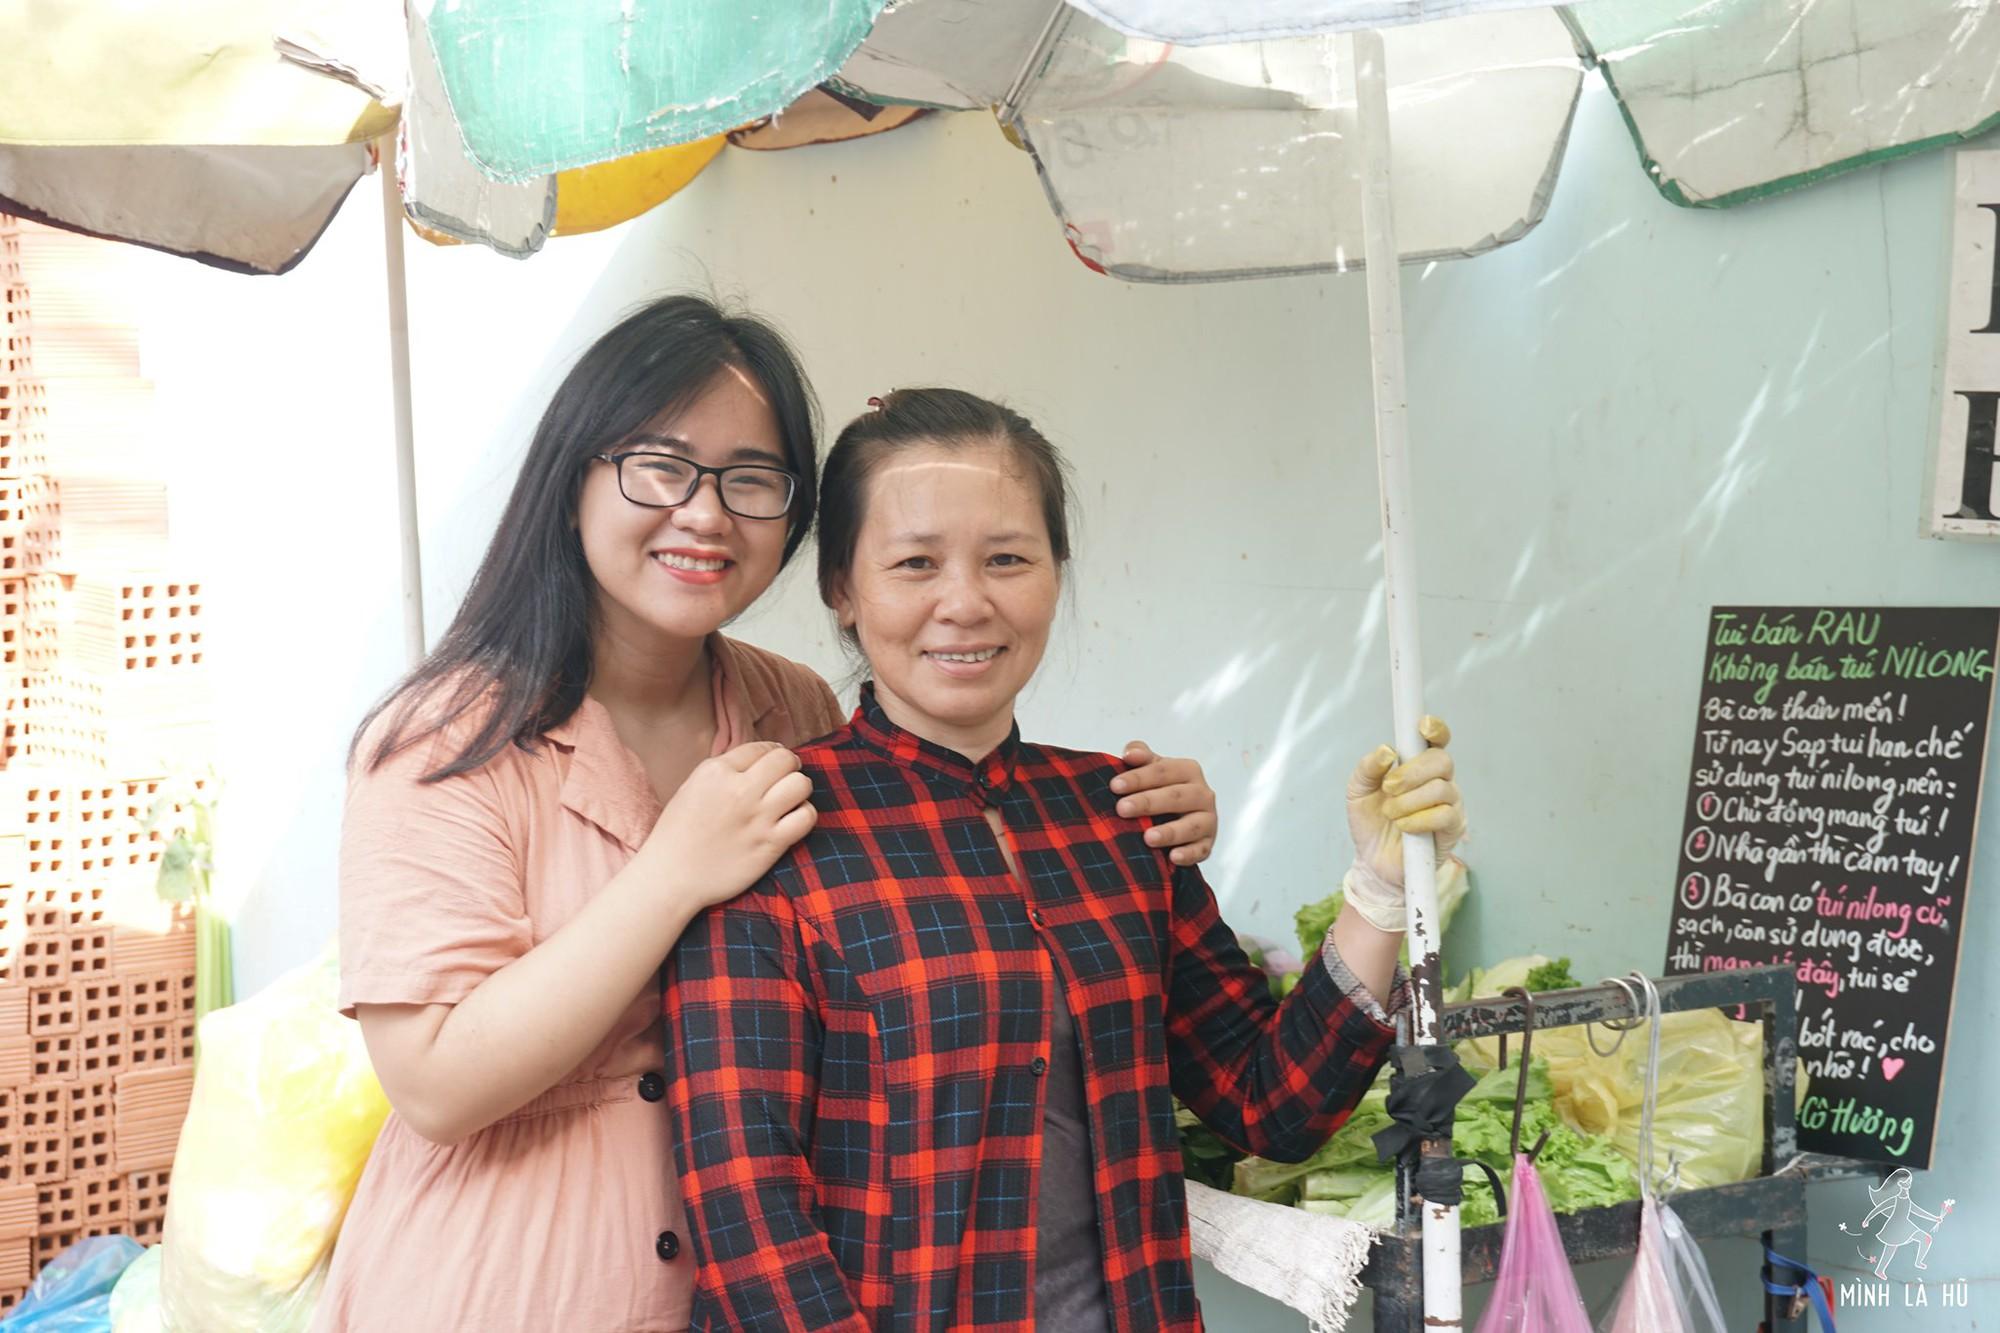 Người tặng tấm biển Tui bán rau, không bán túi nilon cho các sạp hàng ở Sài Gòn: Các cô chú làm được thì chúng mình cũng làm được! - Ảnh 7.